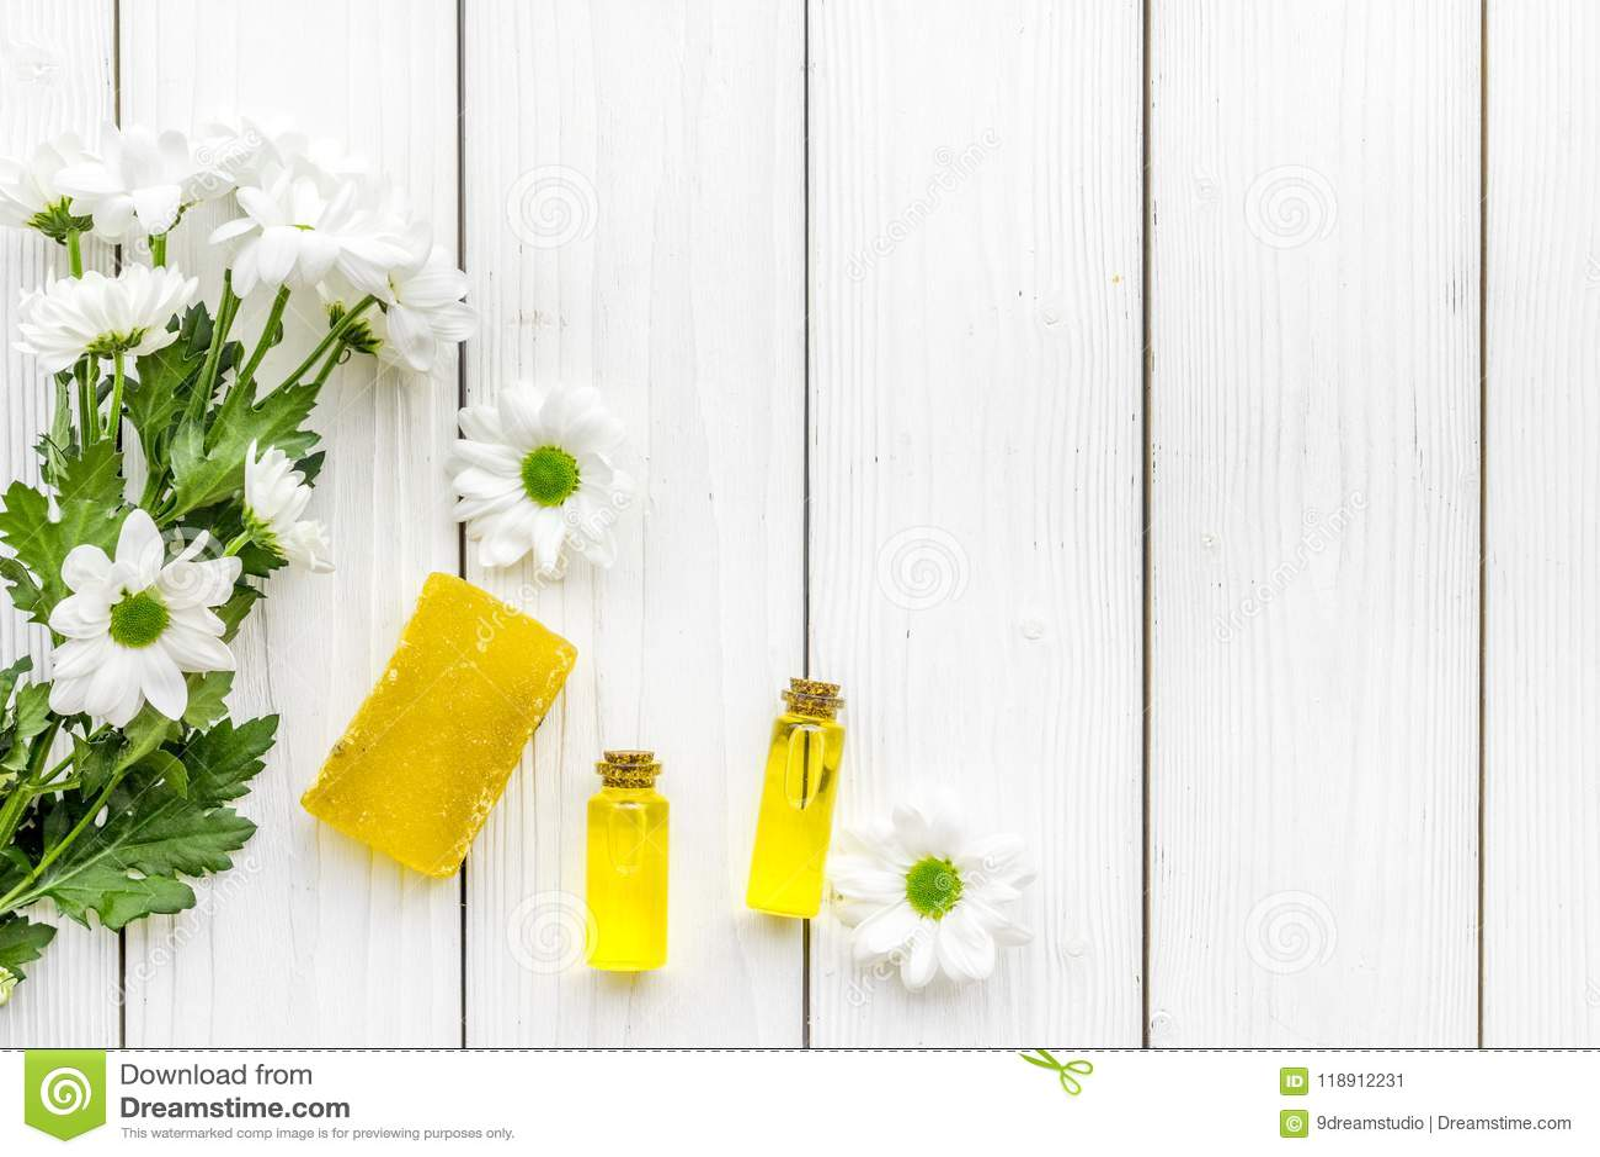 护肤的化妆用品与春黄菊 上油,用肥皂擦洗在白色木背景顶视图拷贝空间